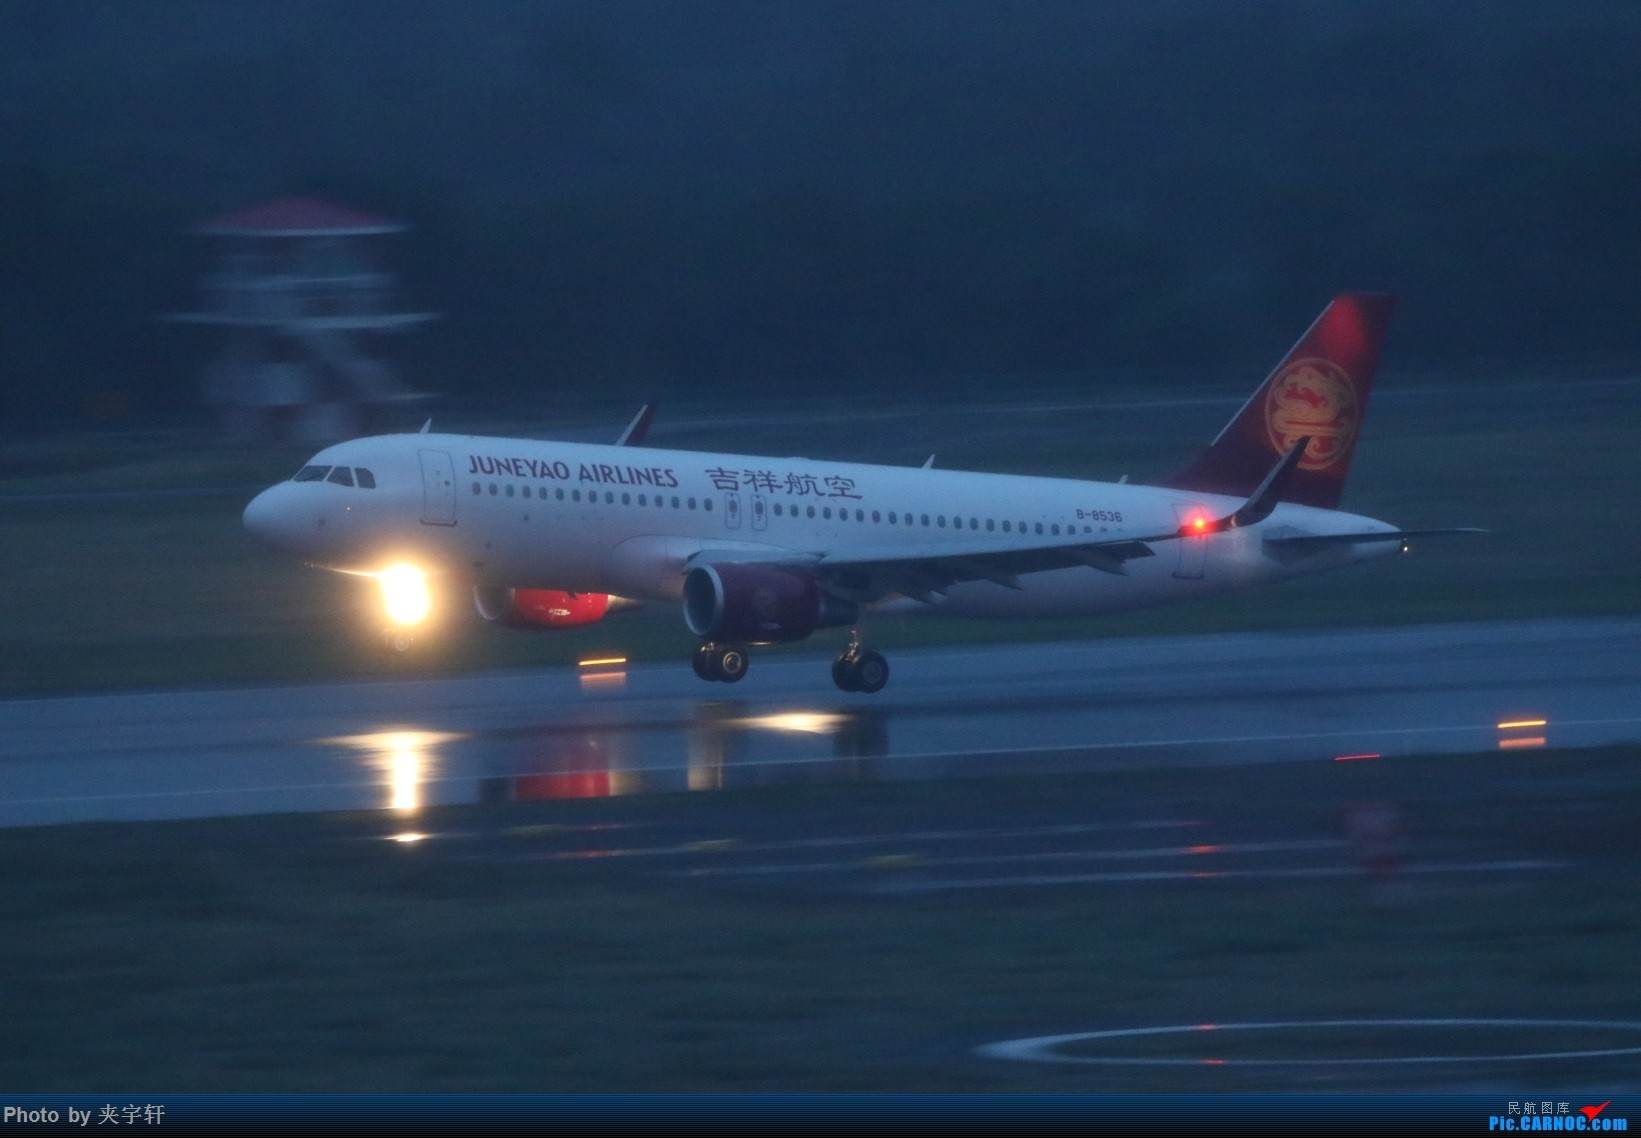 Re:[原创]【URC】雨天动图!+吹水 AIRBUS A320-200 B-8536 中国乌鲁木齐地窝堡国际机场